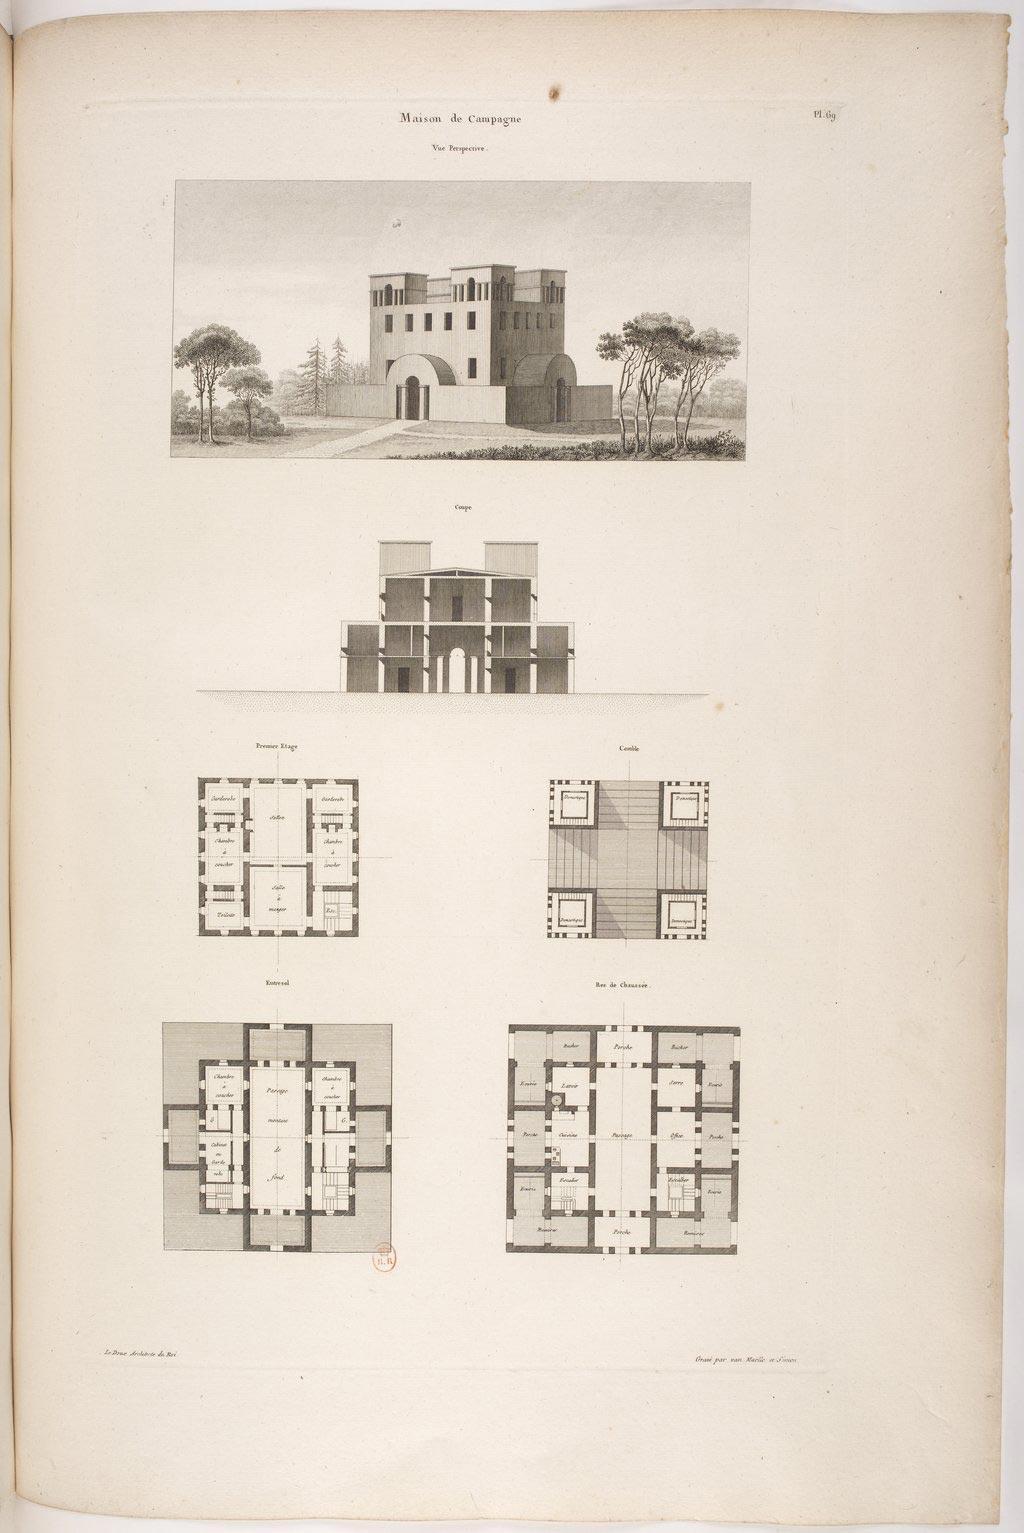 ledoux-claude-architecture-375